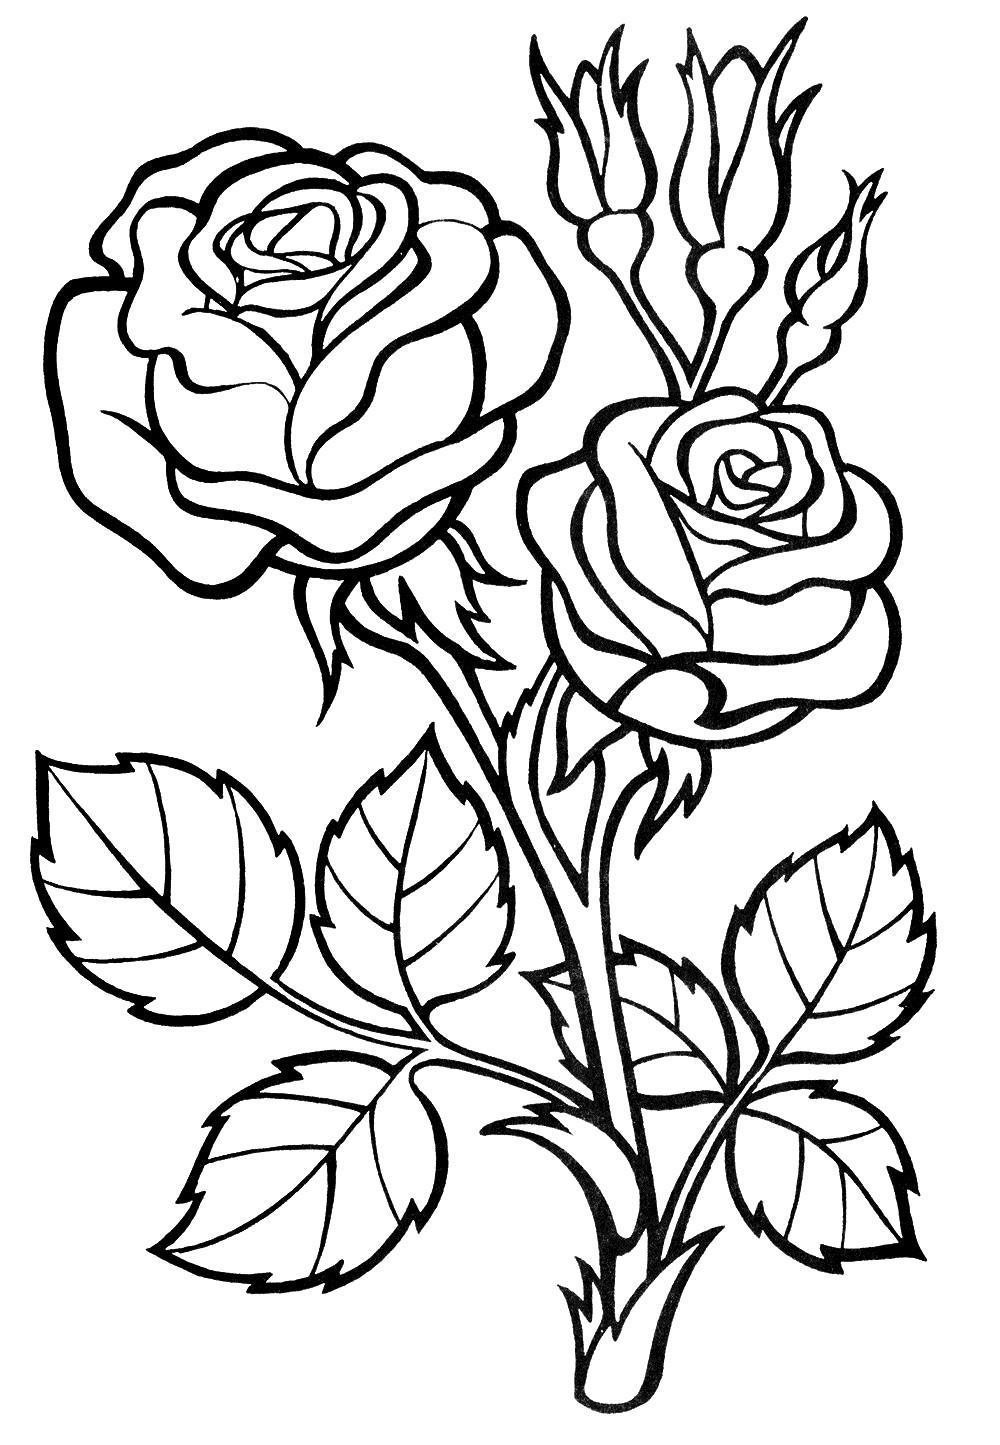 Розы с бутонами и шипами Онлайн бесплатные раскраски цветы